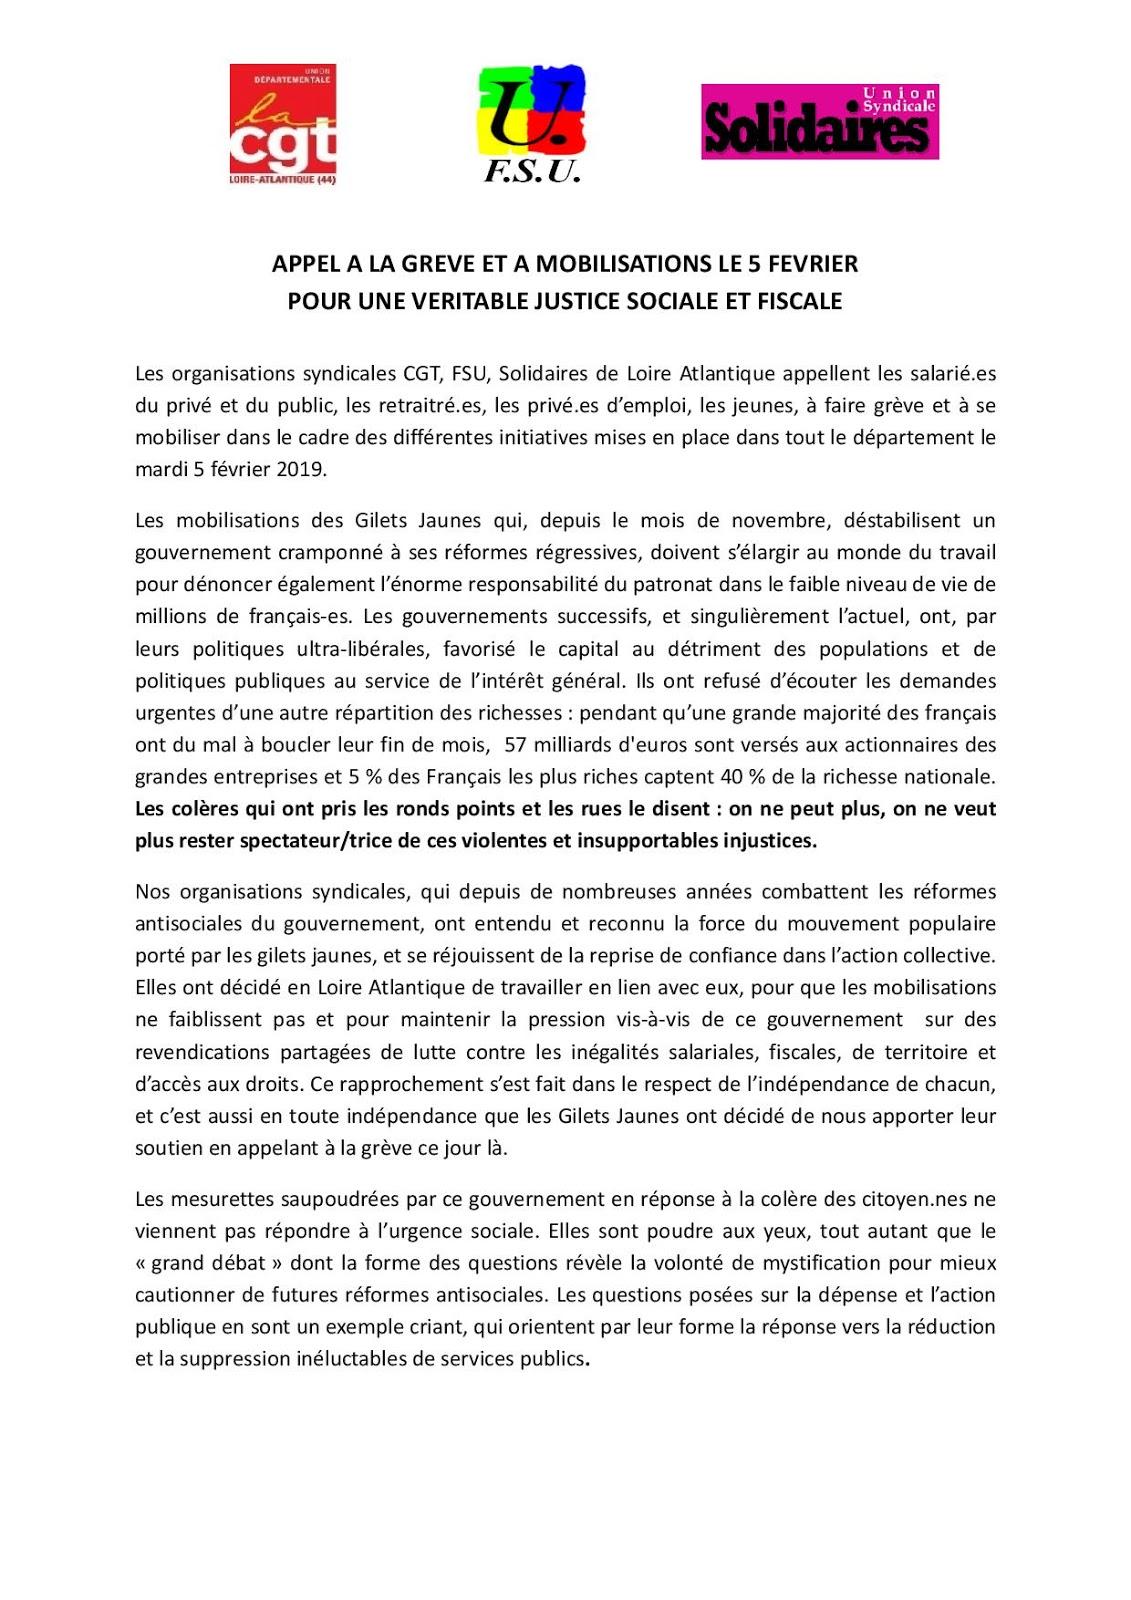 Union Syndicale Solidaires De Loire Atlantique Appel La Grve Et Mobilisation Le 5 Fvrier